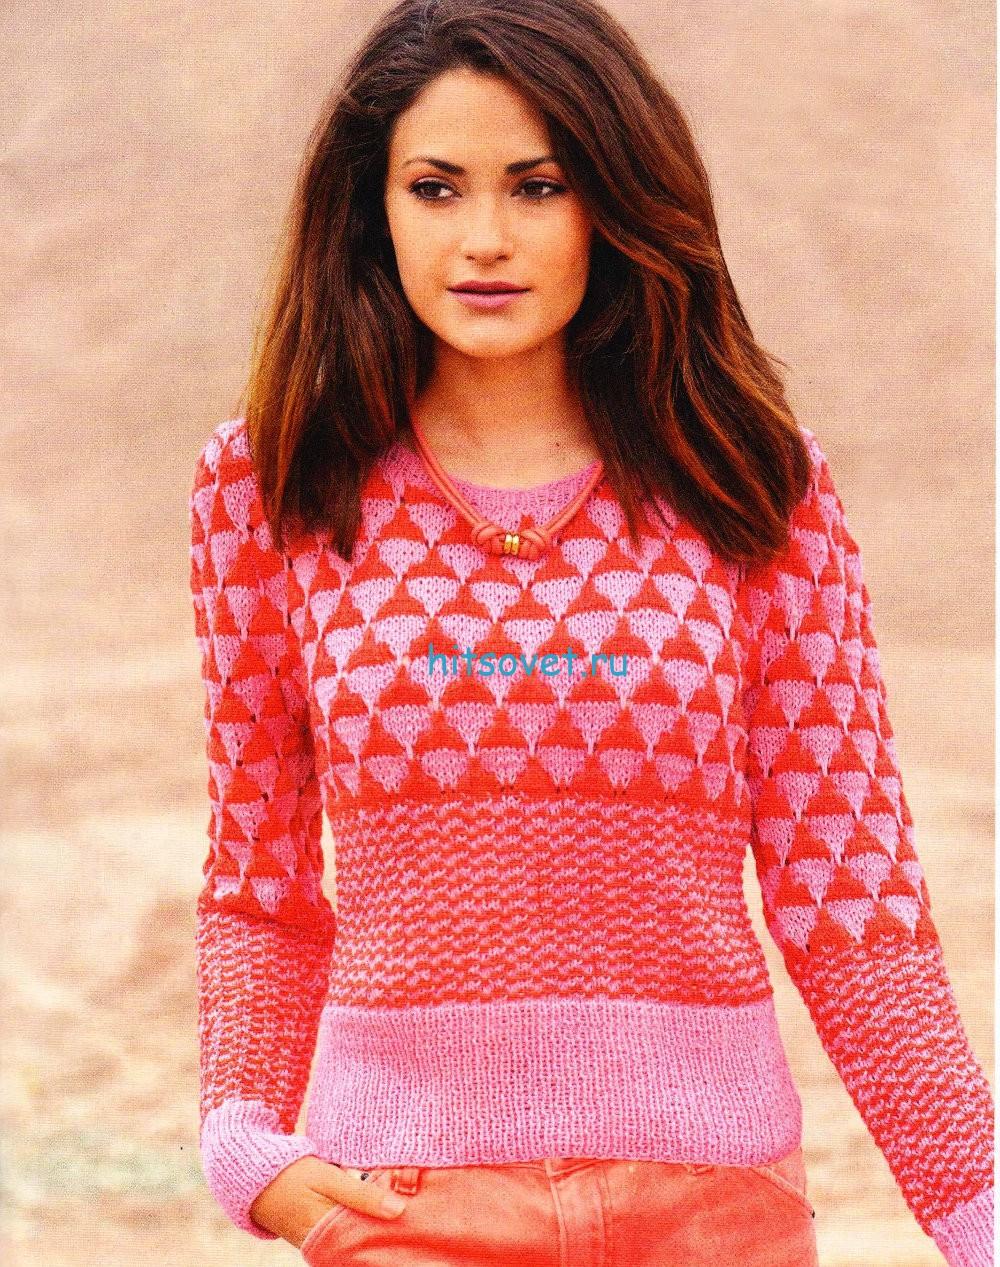 Вязание спицами пуловера женского , фото.